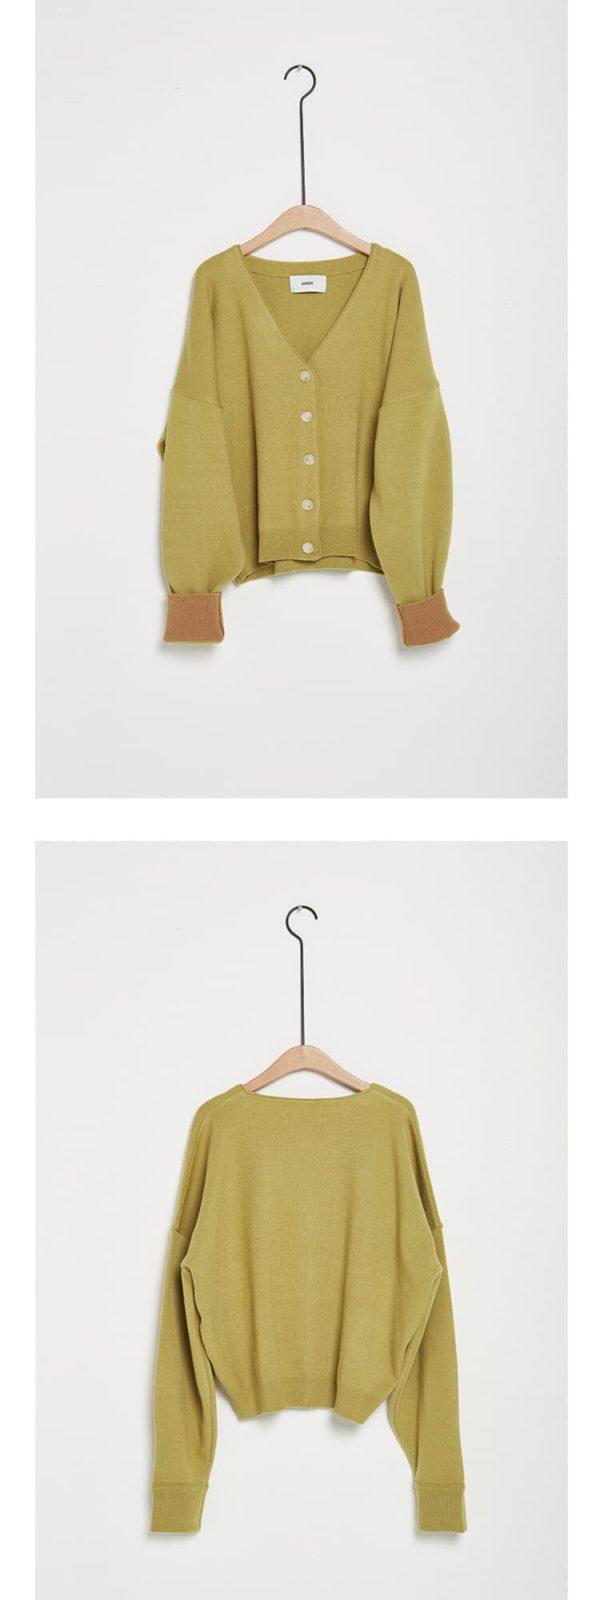 อย่างไรก็ตาม เสื้อคาร์ดิแกนสีมะนาว Han So hee เป็นที่นิยมอย่างมาก